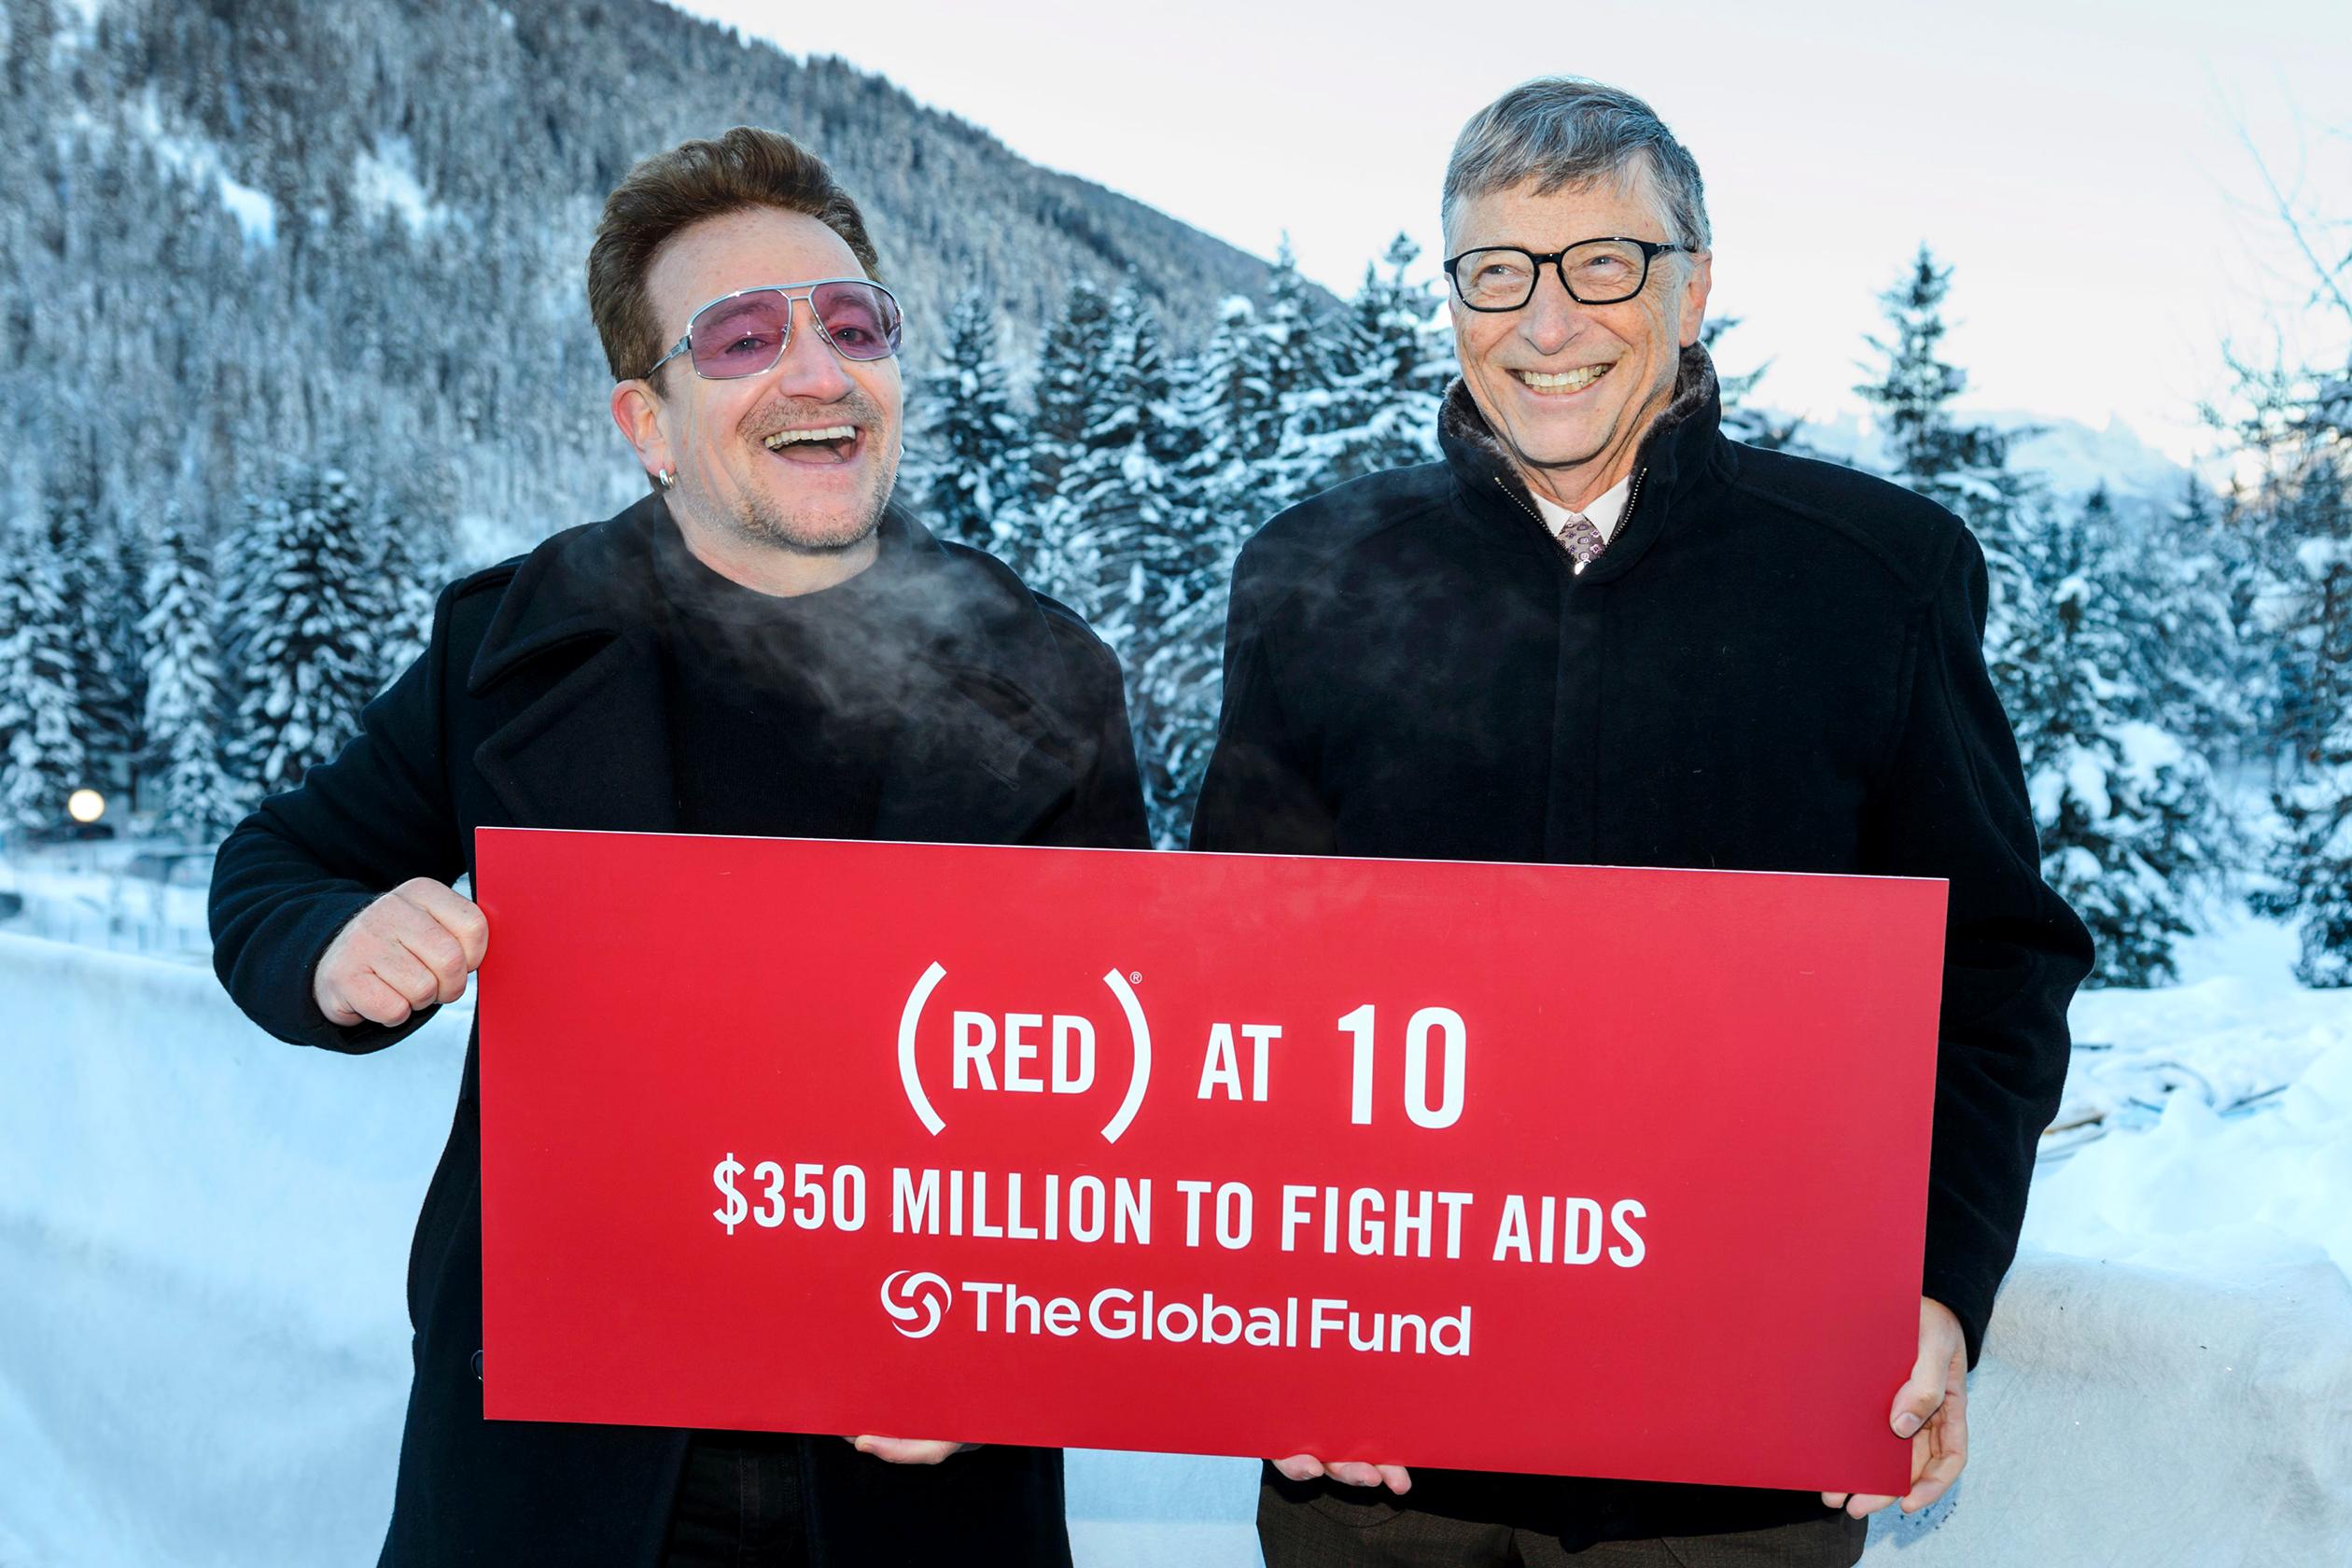 SWITZERLAND-DAVOS-ECONOMY-AIDS